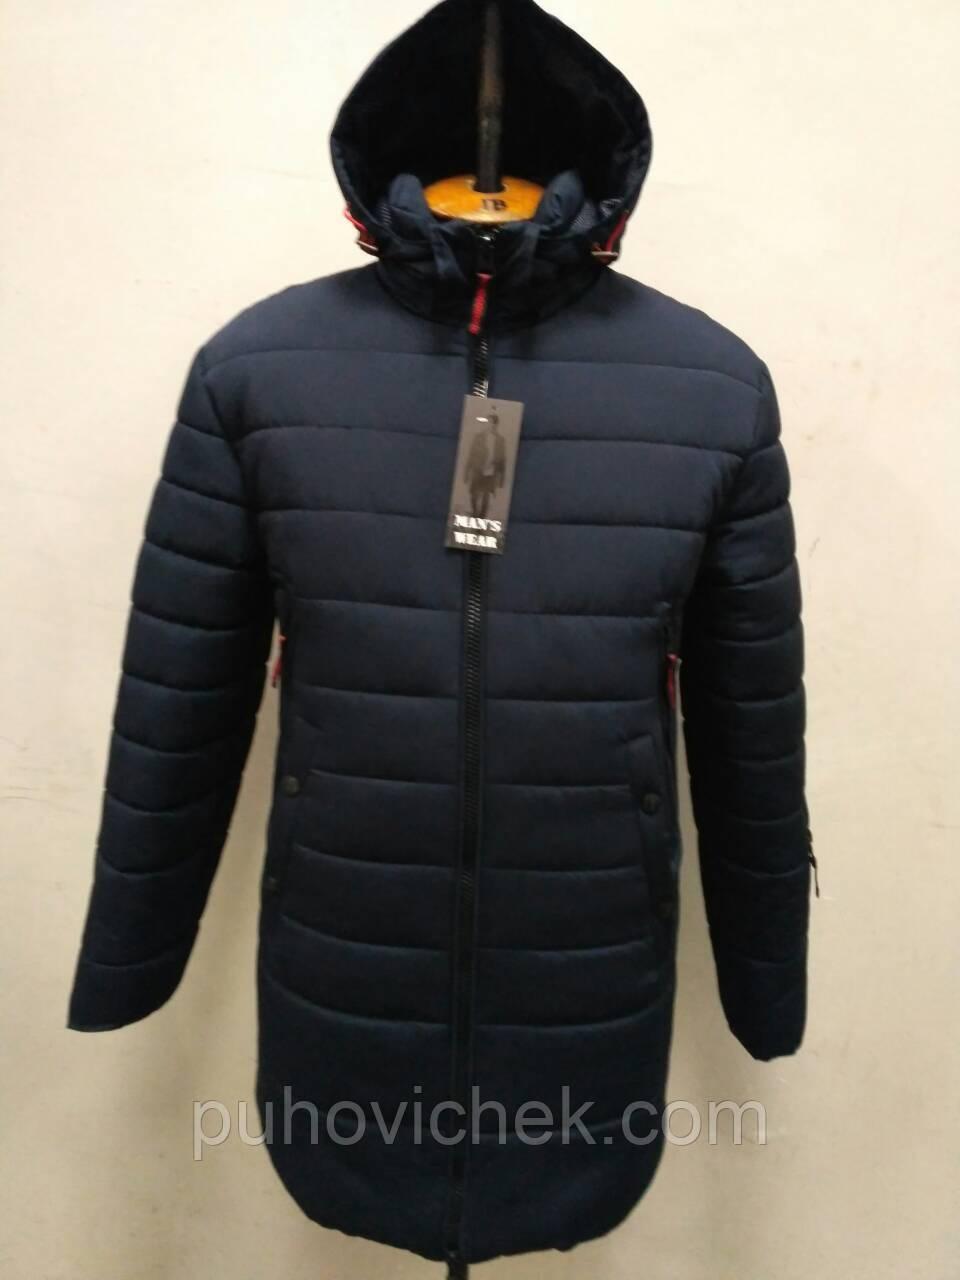 Удлиненная куртка мужская зимняя с капюшоном